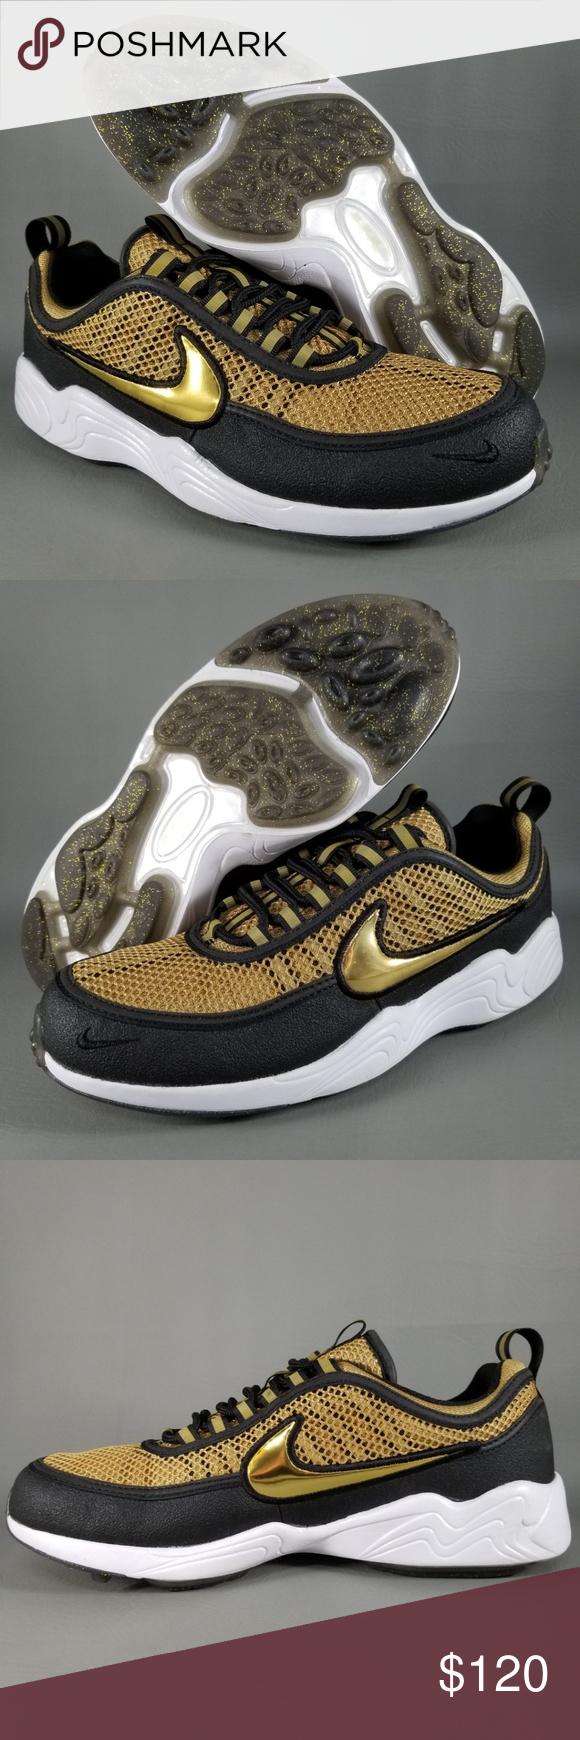 official photos b835c cff8d Nike Air Zoom Spiridon Golden Shine Mens Shoes 8.5 Nike Air Zoom Spiridon